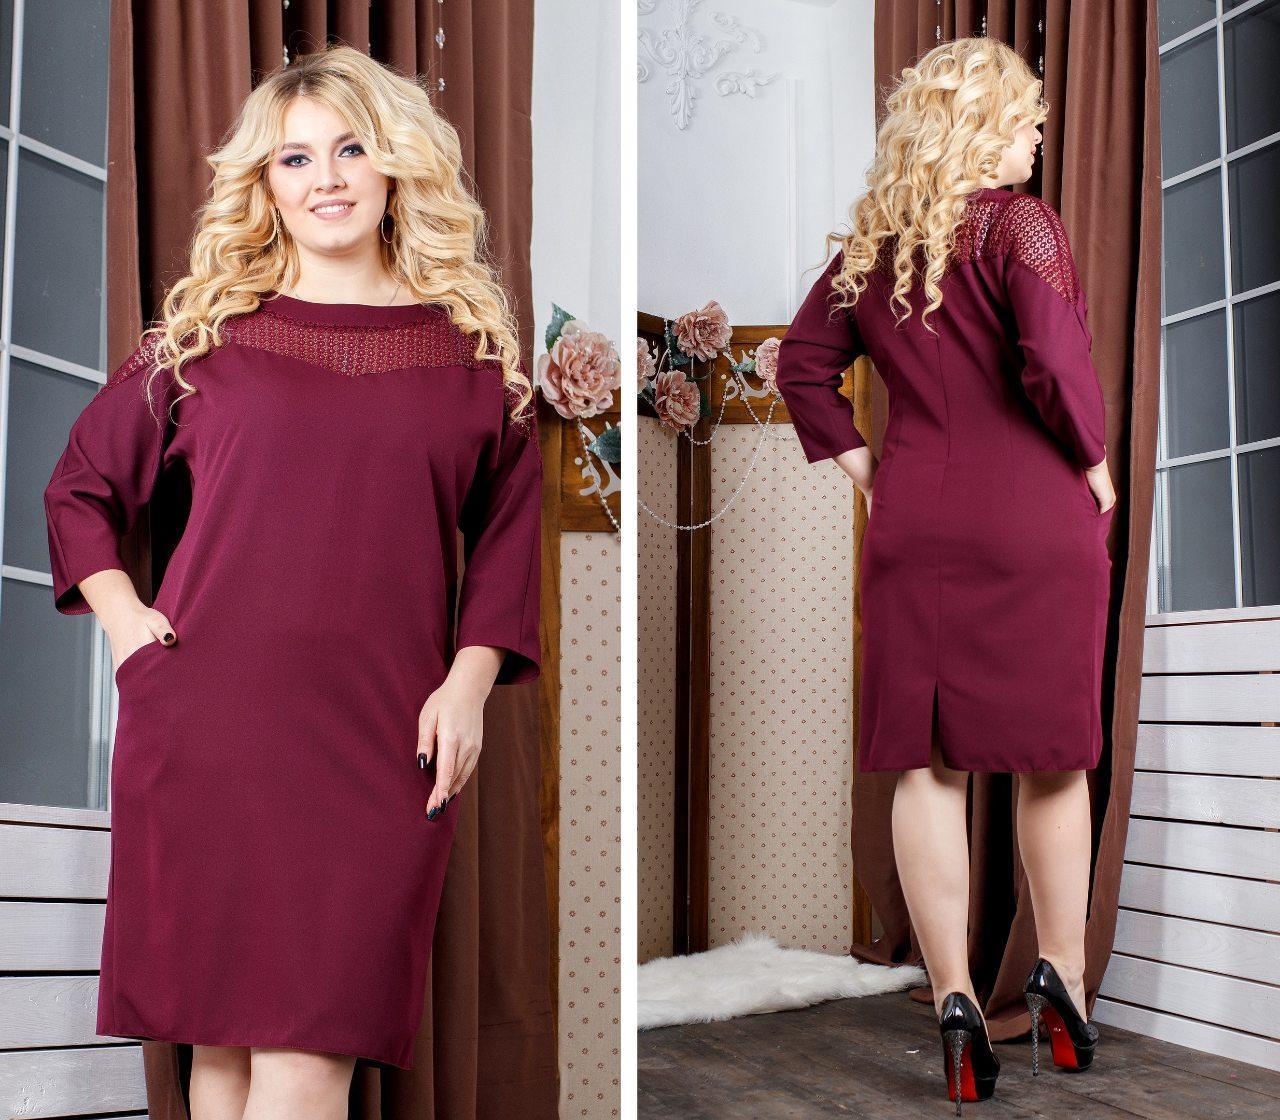 Платье женское, креп, модель 148 батал, в 5-ти расцветках